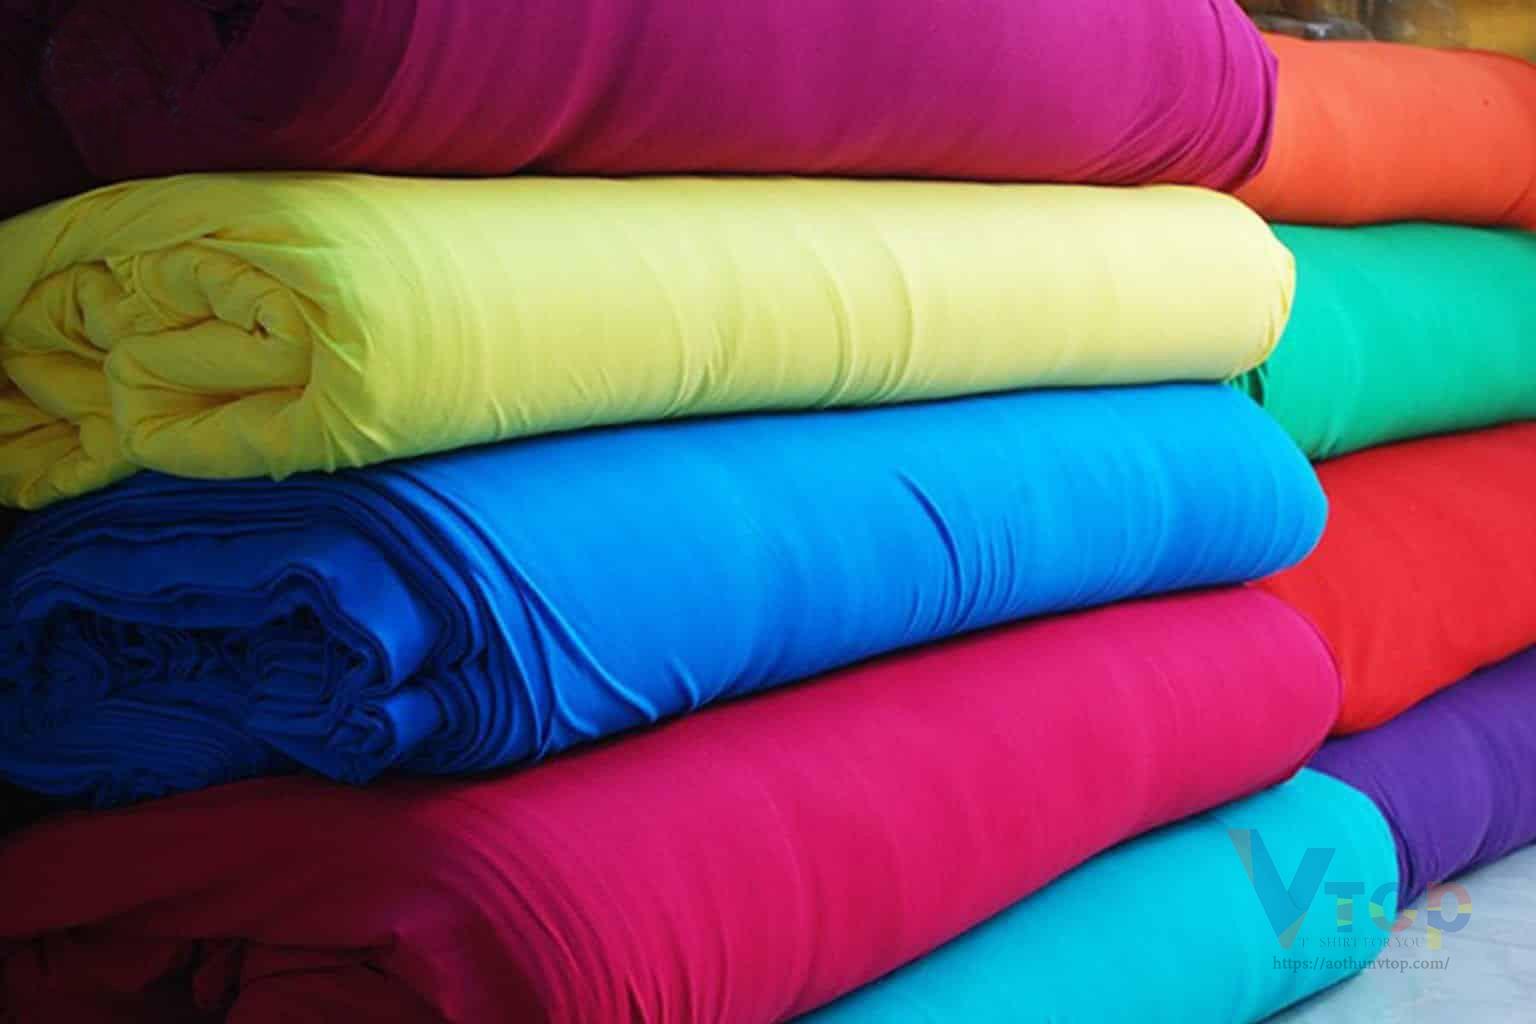 Vải lanh là một trong các loại chất liệu vải được dùng phổ biến